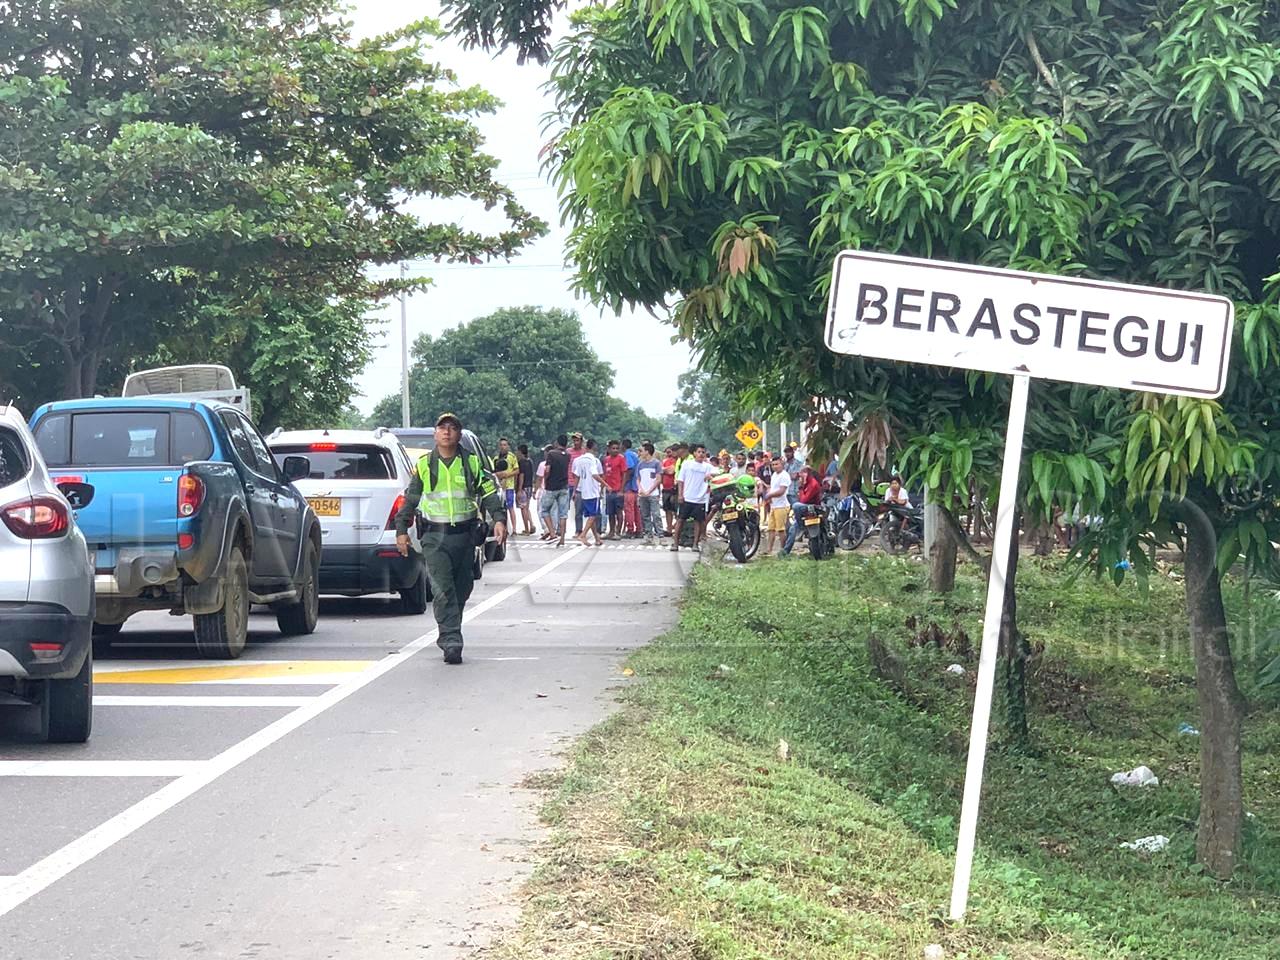 Protesta mantiene bloqueada la vía Cereté – Ciénaga de Oro en Berástegui - LA RAZÓN.CO